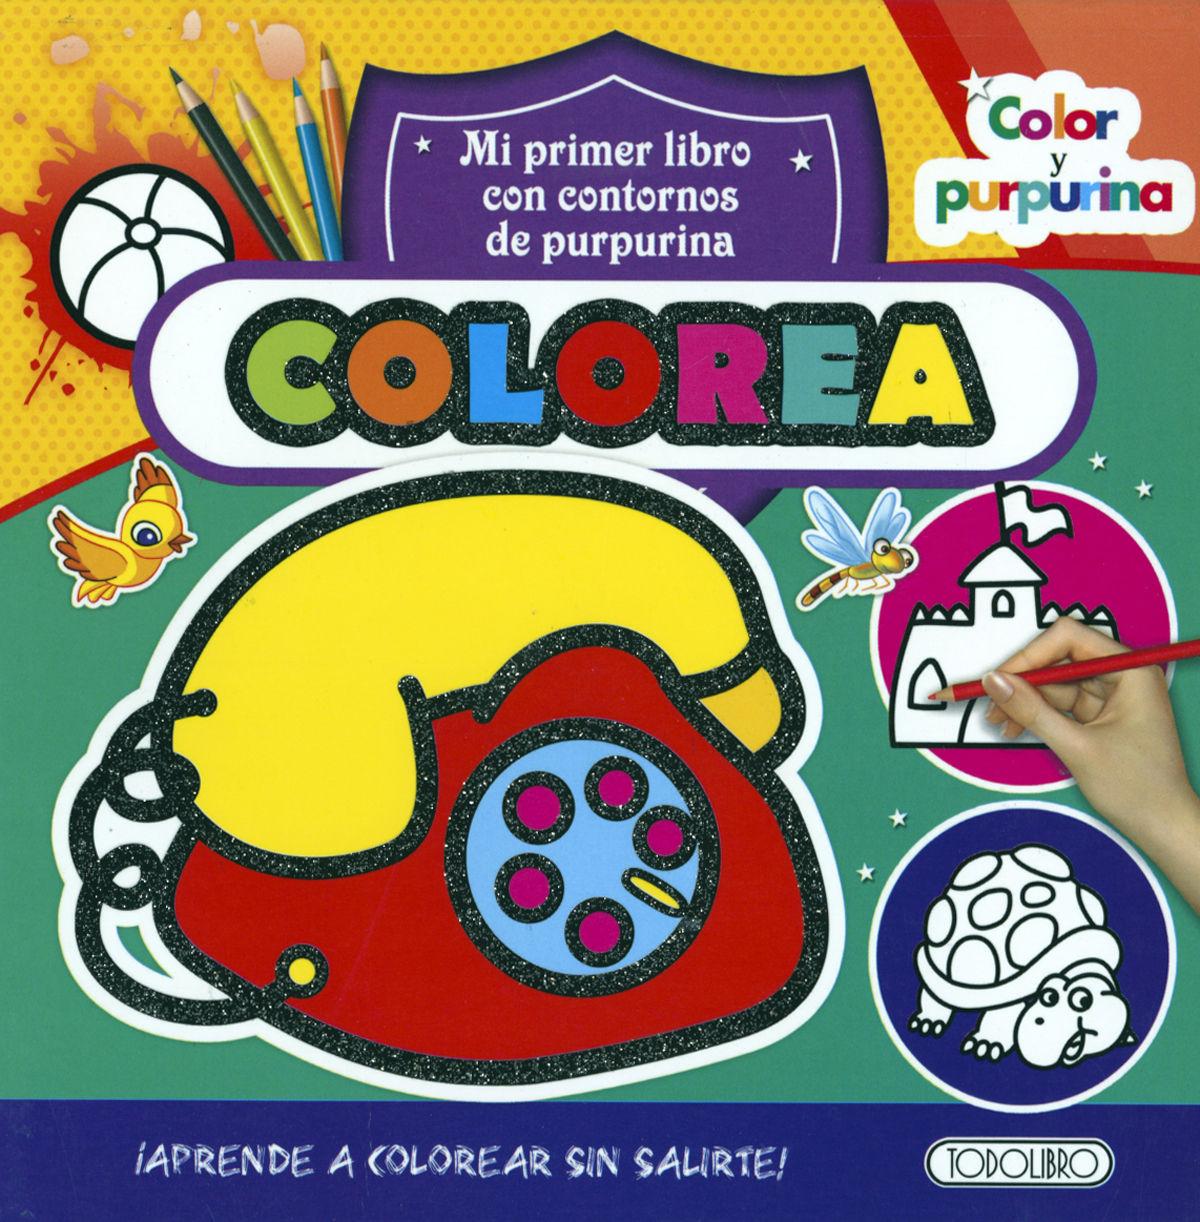 COLOREA COLOR Y PURPURINA (TELEFONO)